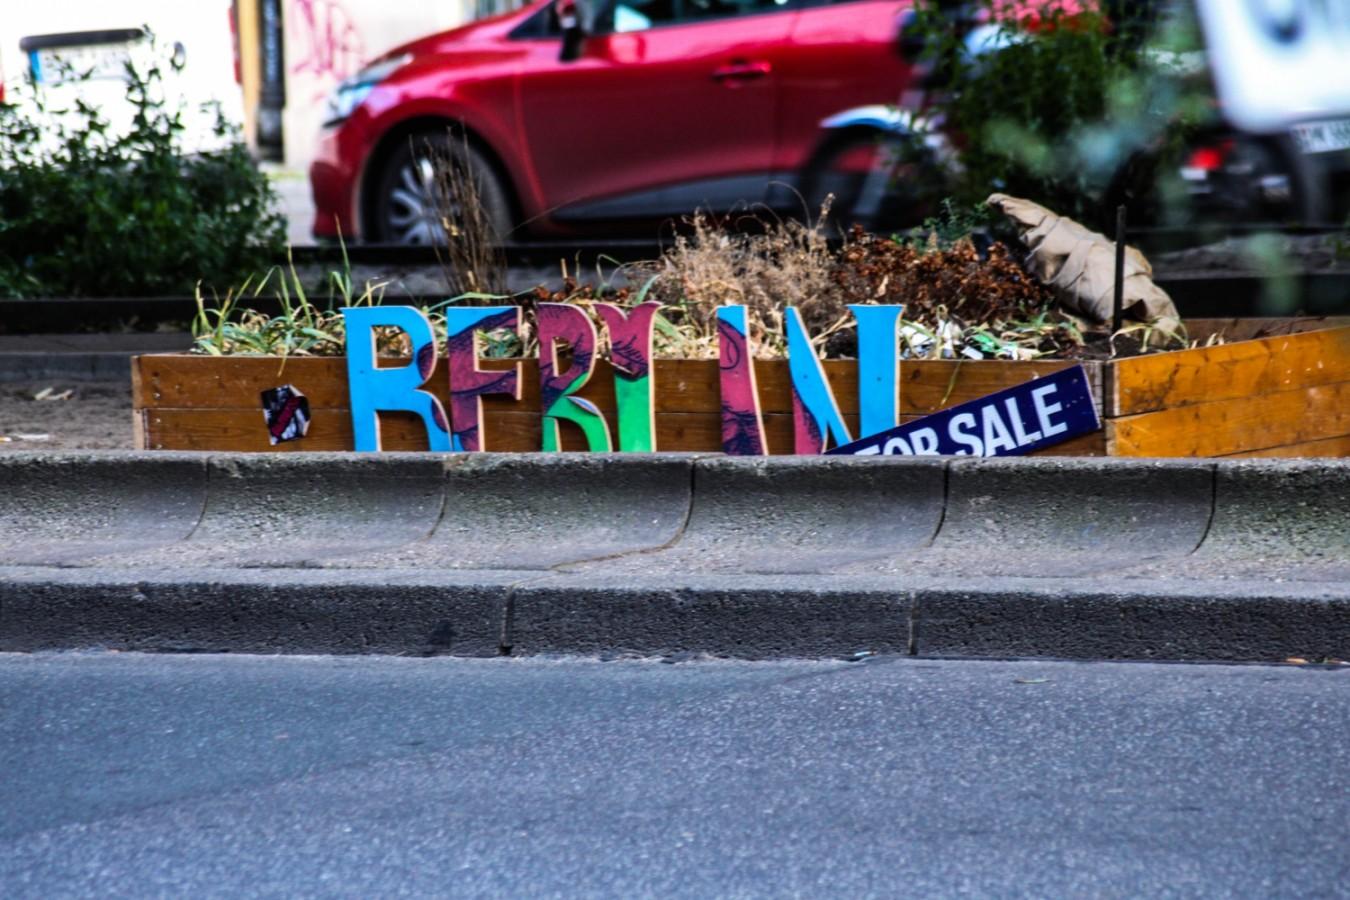 Útmutató Berlinhez – azaz őszintén - milyen is Berlinben élni?